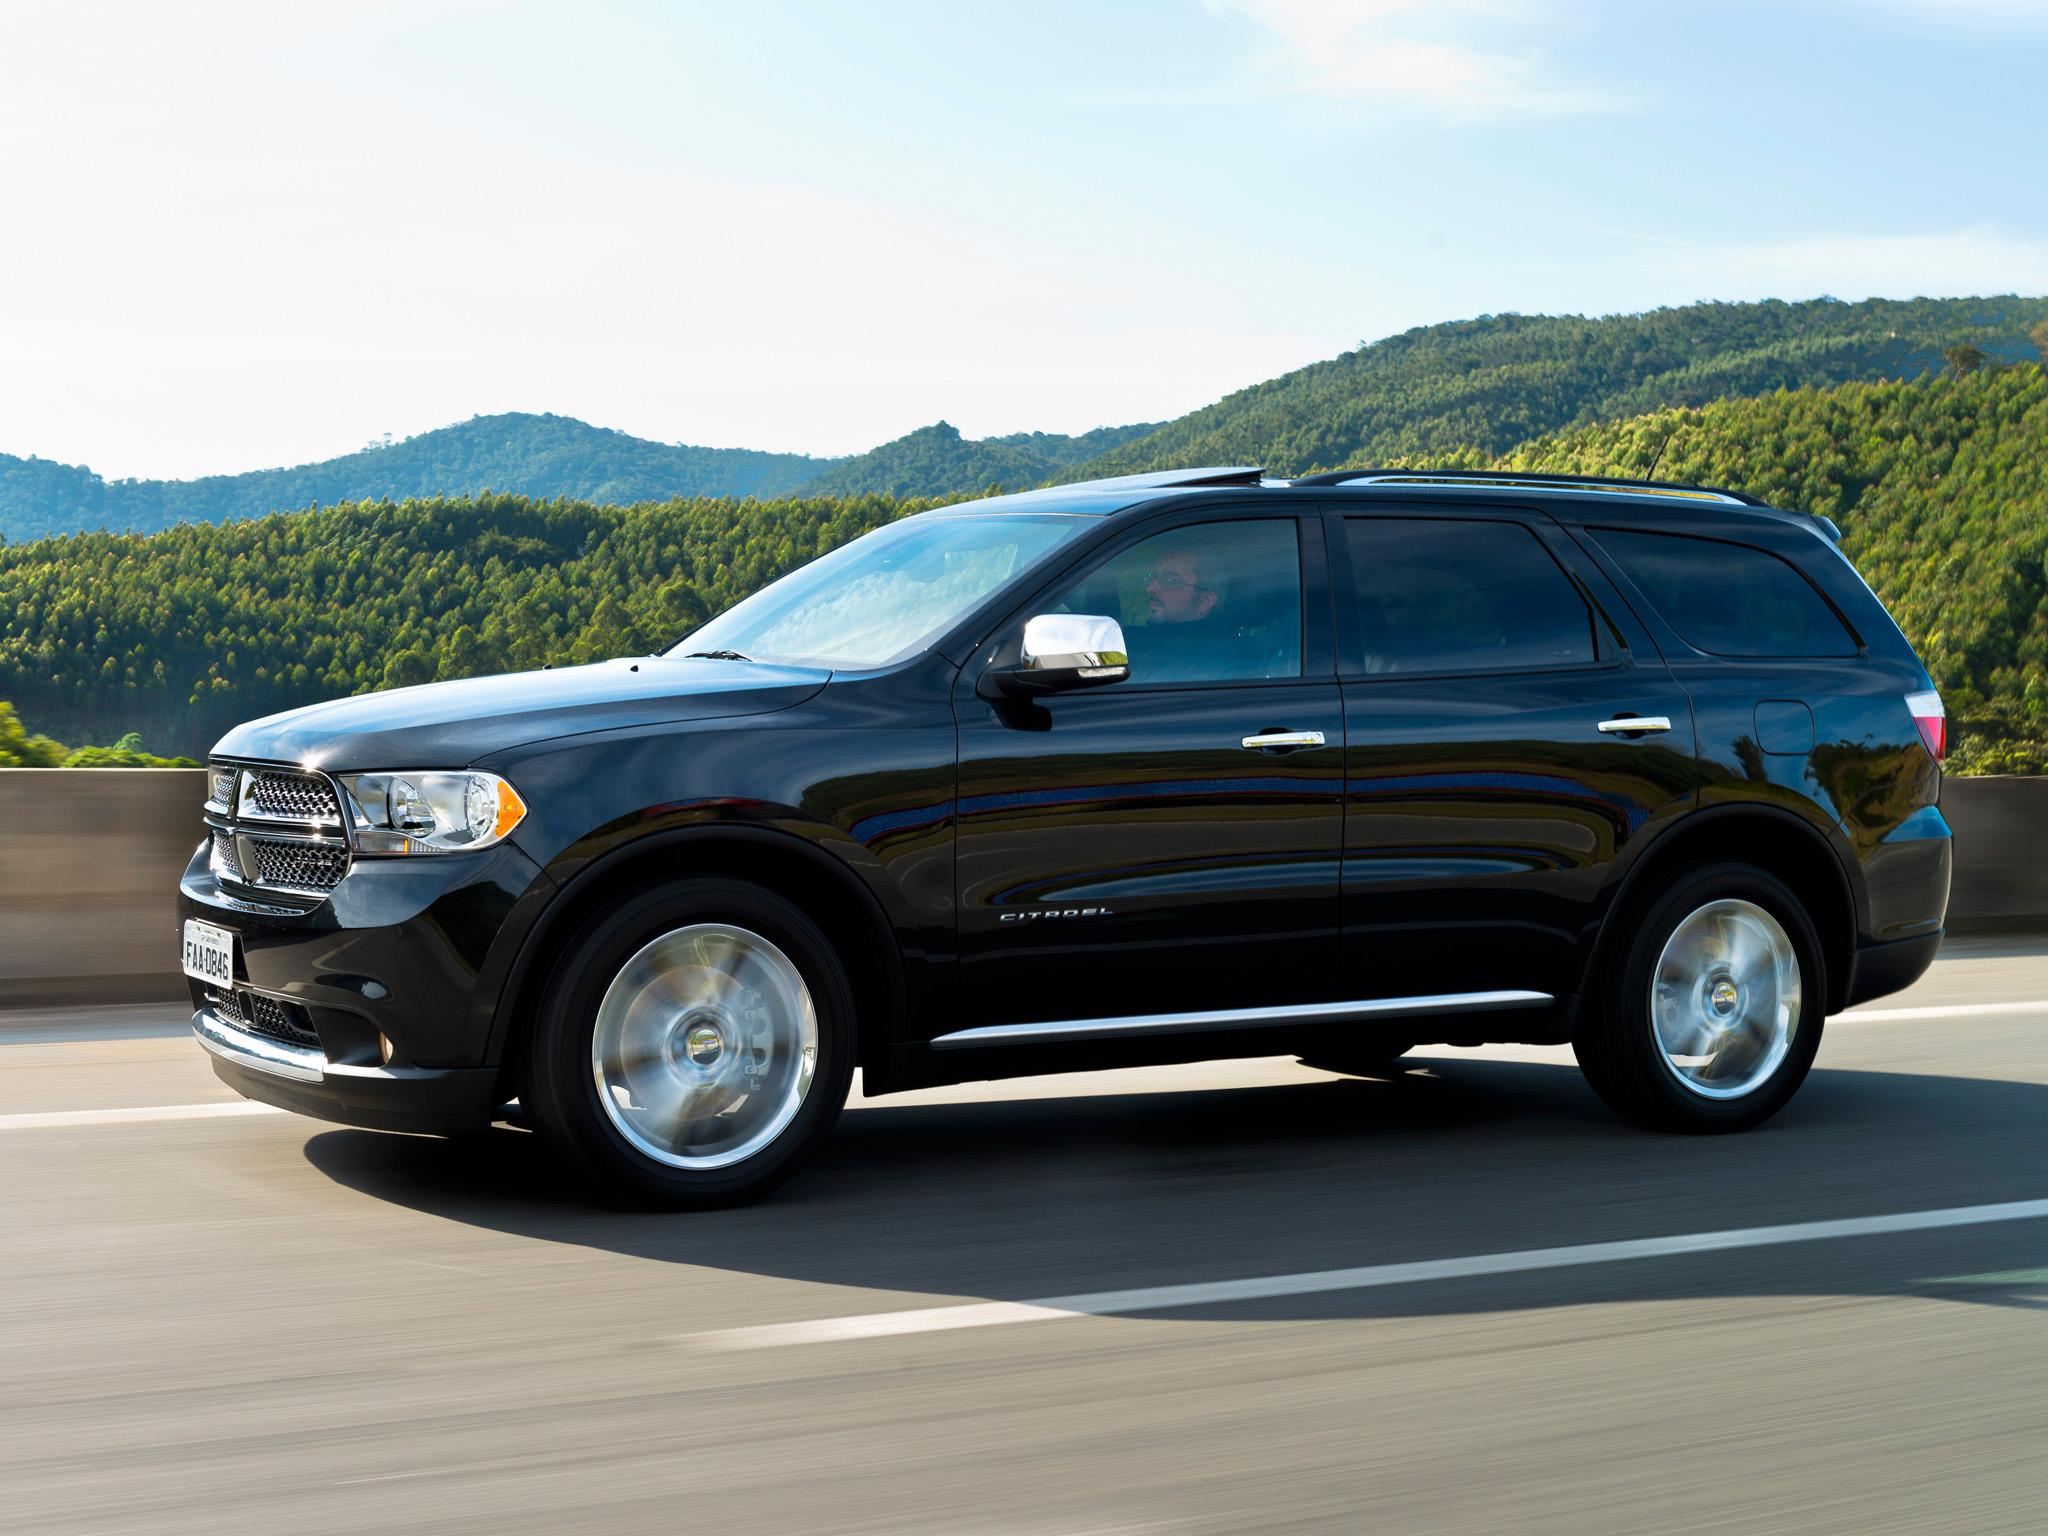 Fiat Chryler (FCA) convoca, nesta sexta-feira (16), recall dos modelos Jeep Grand Cherokee, Chrysler 300C, Dodge Charger e Dodge Durango. Risco de incêndio é possível consequência de problema no alternador.